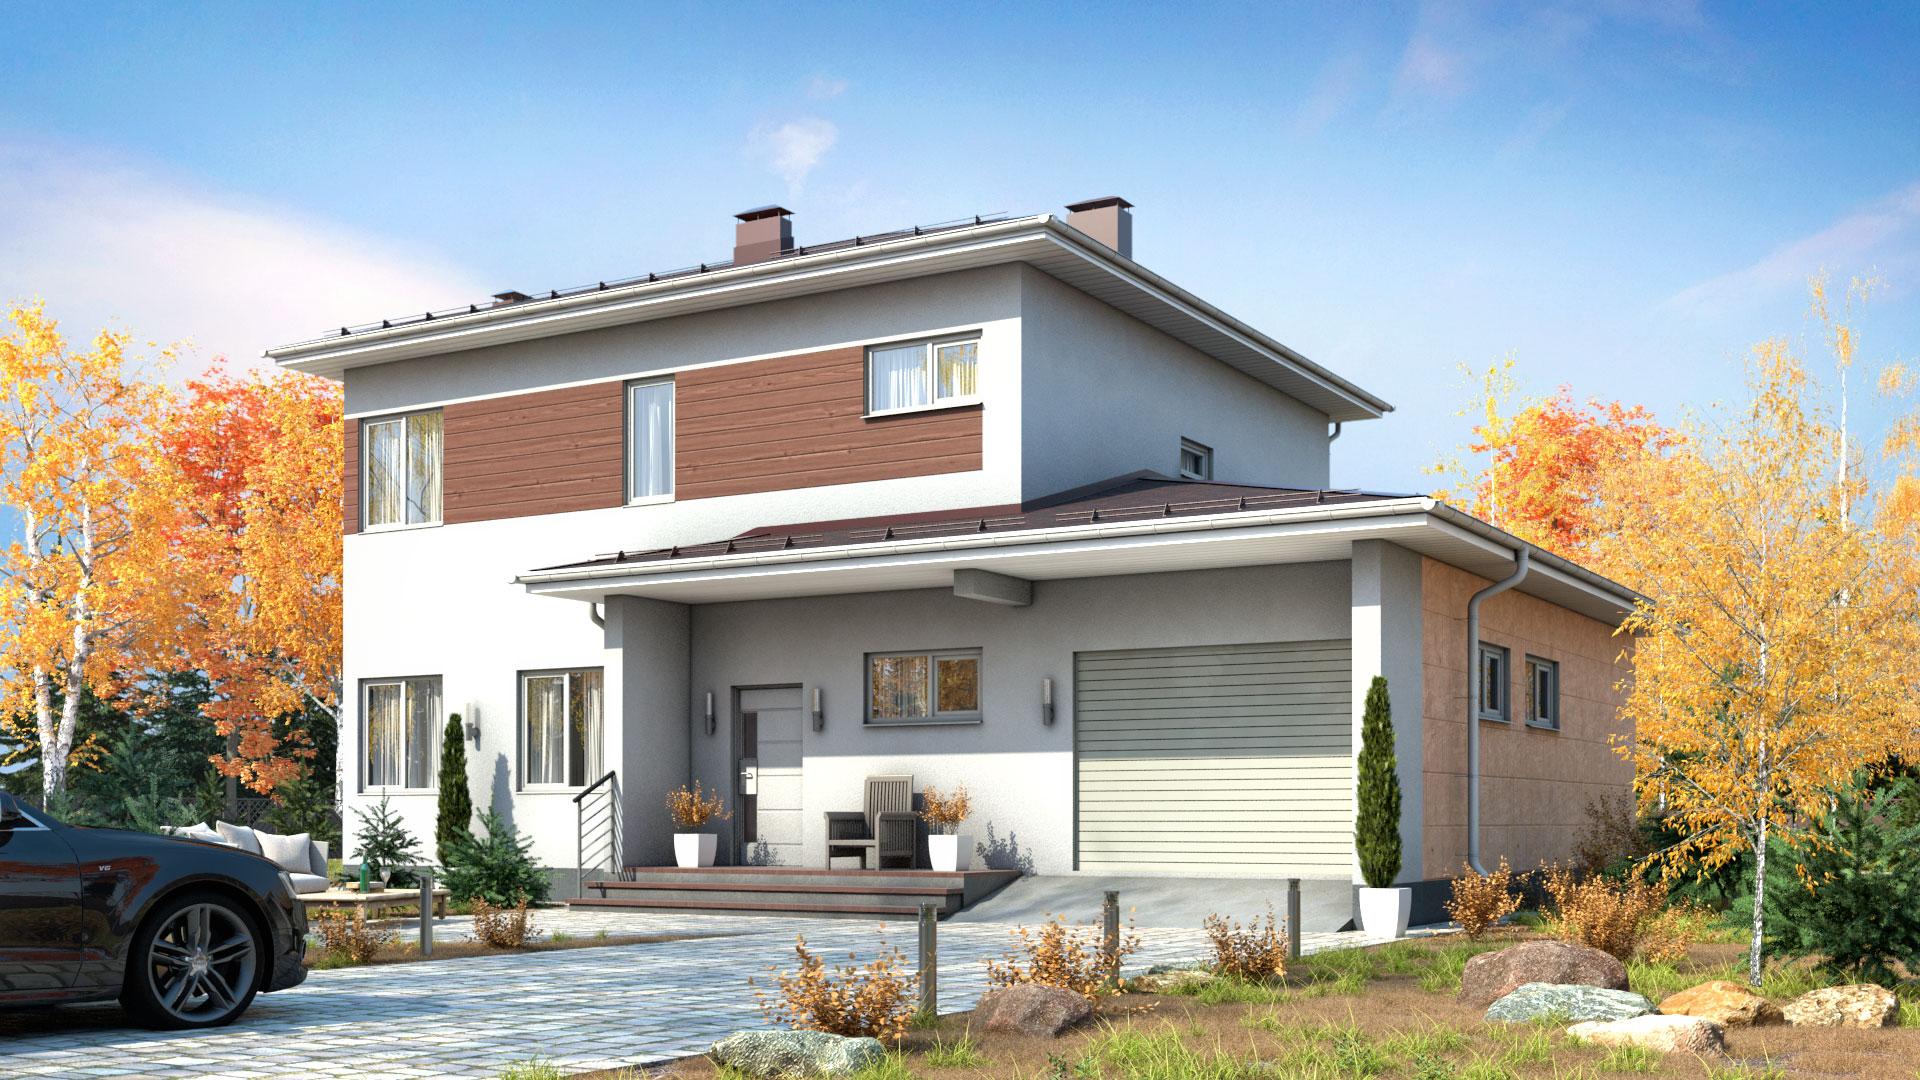 Передний фасад двухэтажного дома БЭНПАН, проект МС-189.